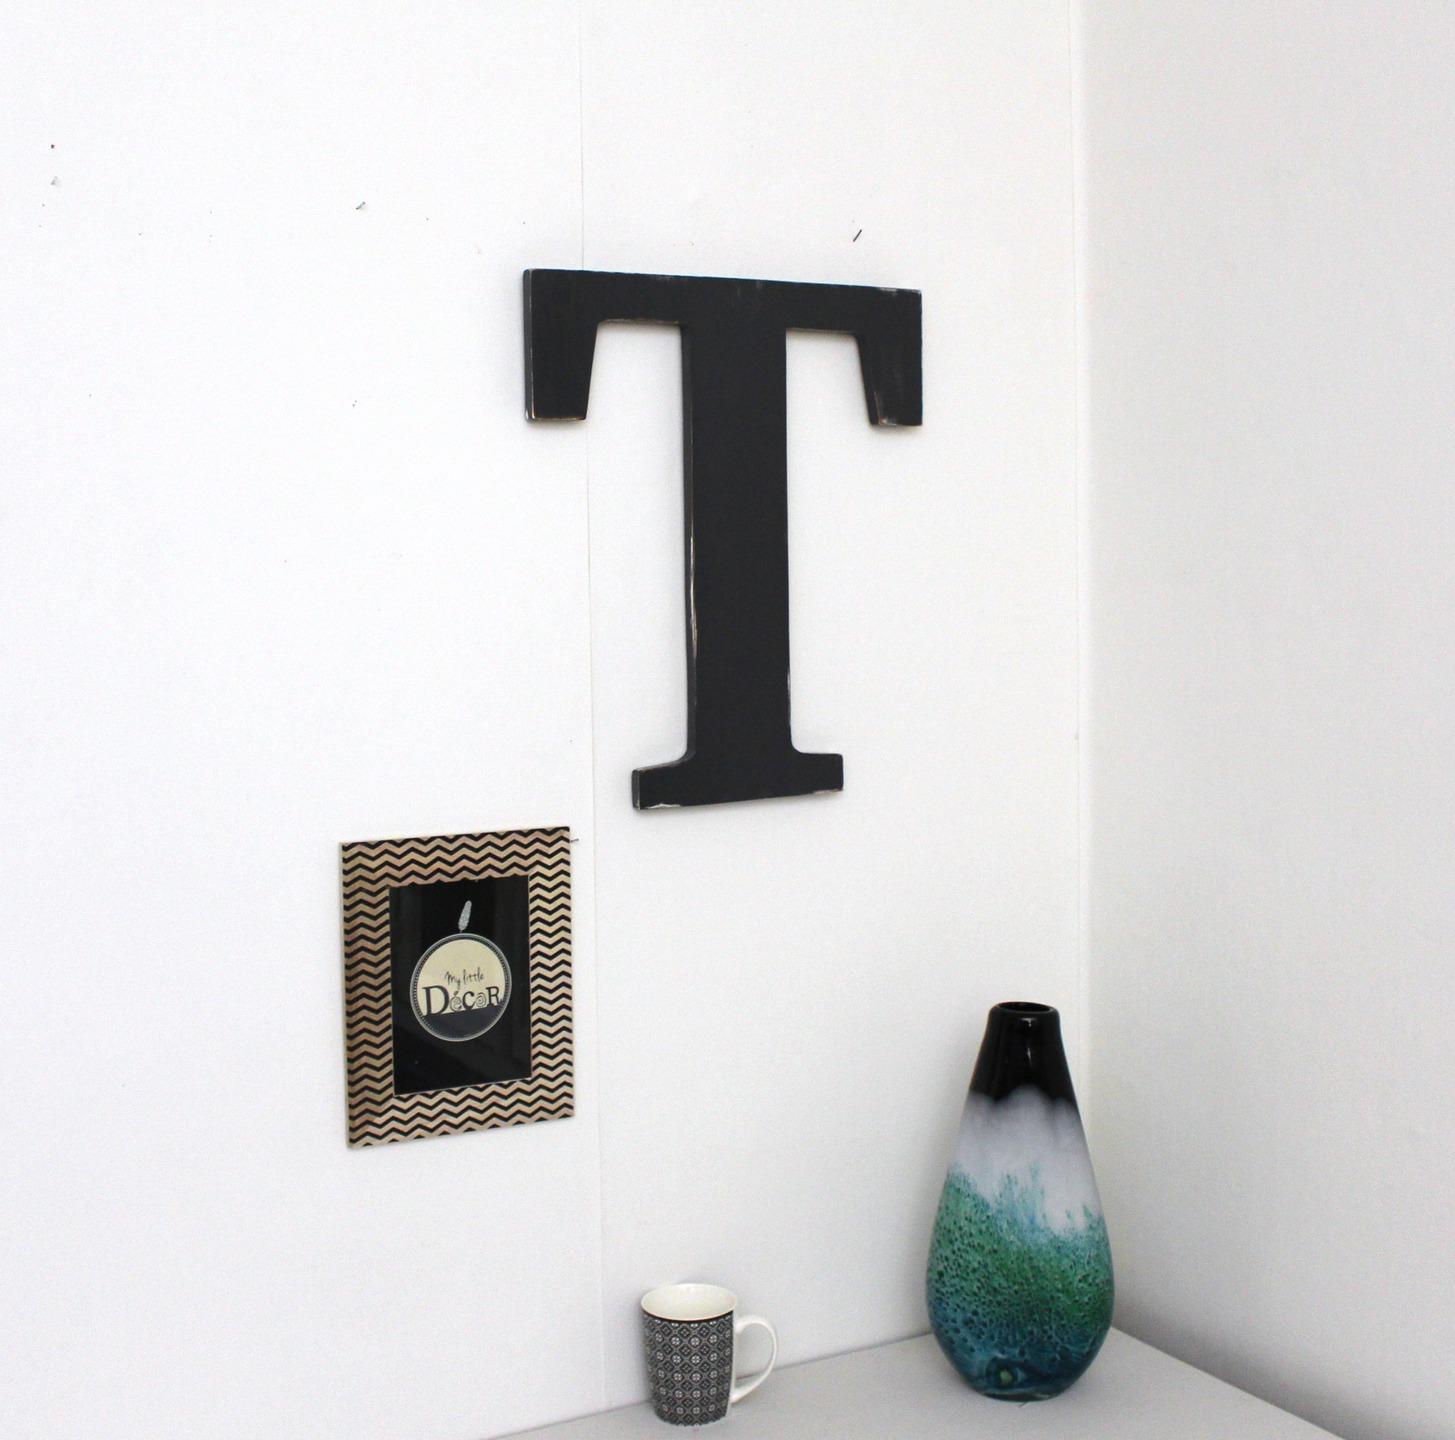 lettre murale deco decoration murale lumineuse la lettre murale cracation unique pour une. Black Bedroom Furniture Sets. Home Design Ideas